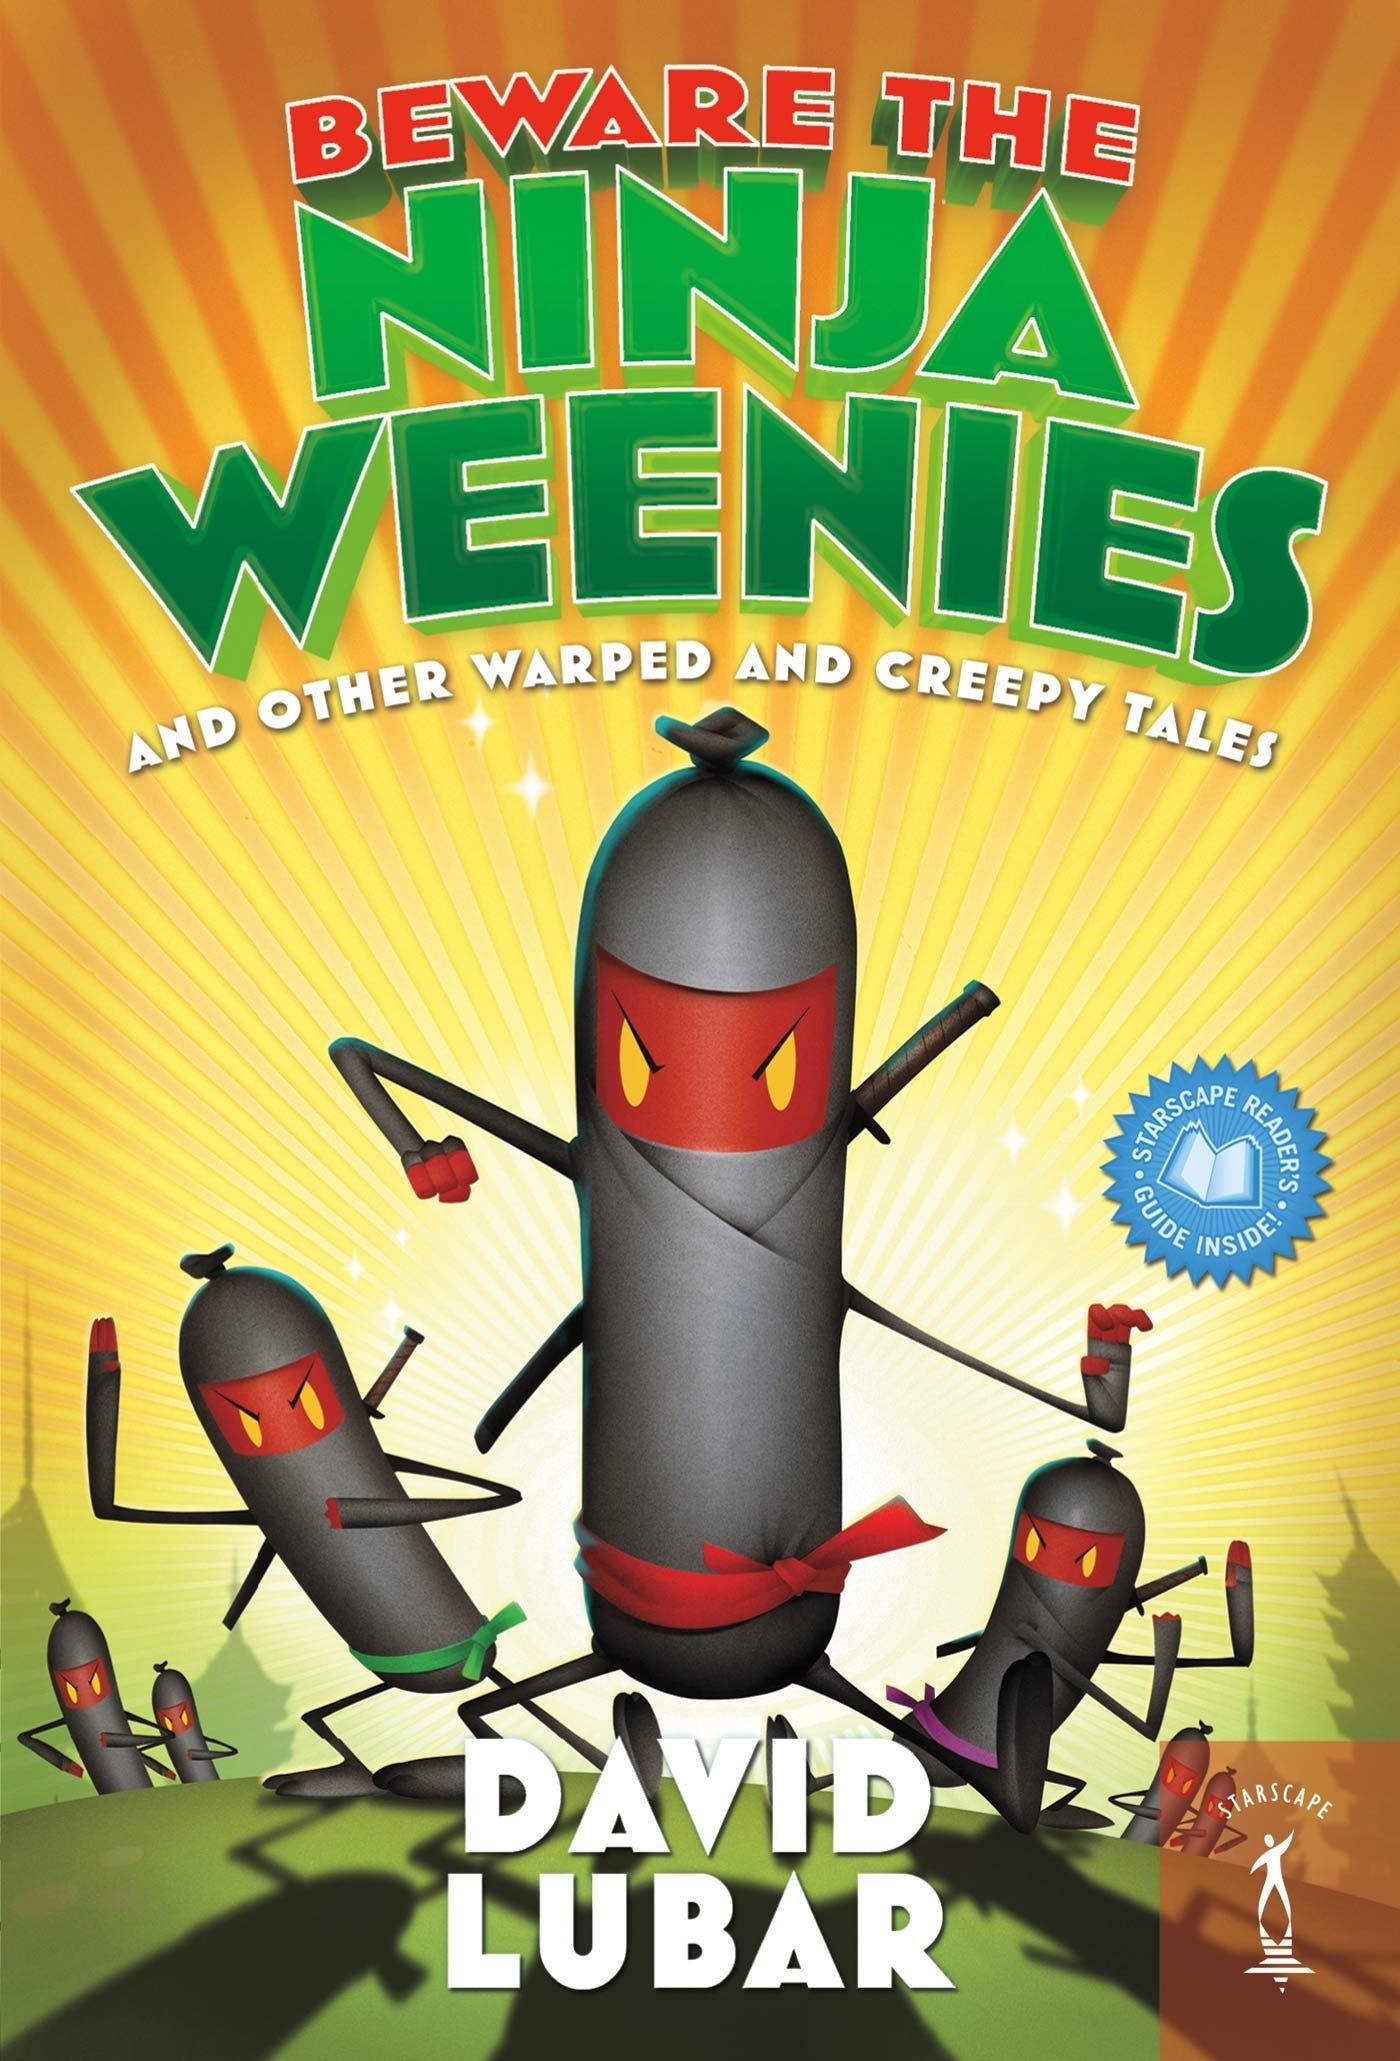 Image of Beware the Ninja Weenies